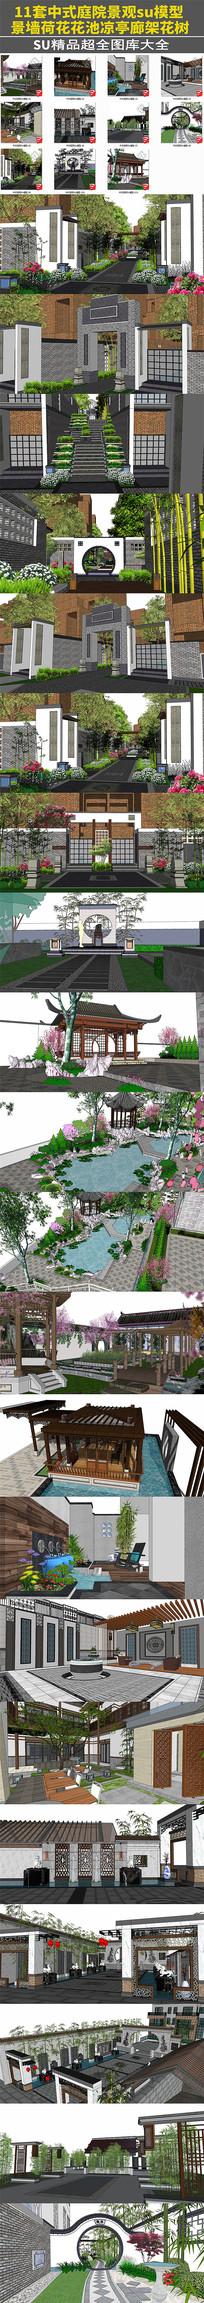 11套中式庭院景观su模型